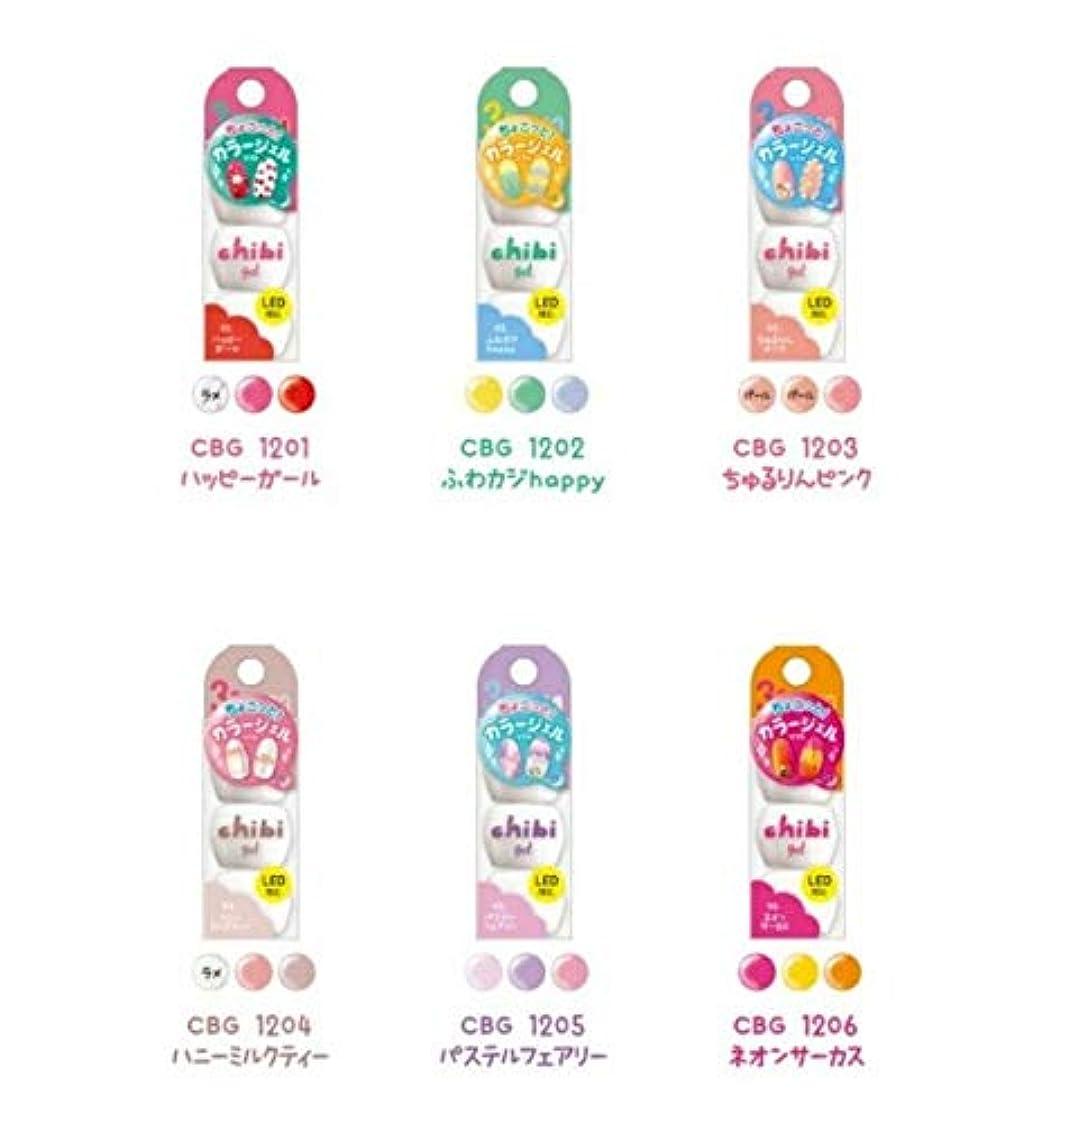 ポスターラフ睡眠キリマンジャロBWちびジェル2 カラージェル 1.5g CBG1201?1208 8種 3色入り 日本製 chibi gel ちょこっと ソフト ジェル ネイル 単色 ラメ パール アート アクセント 爪 LED (CBG1208)